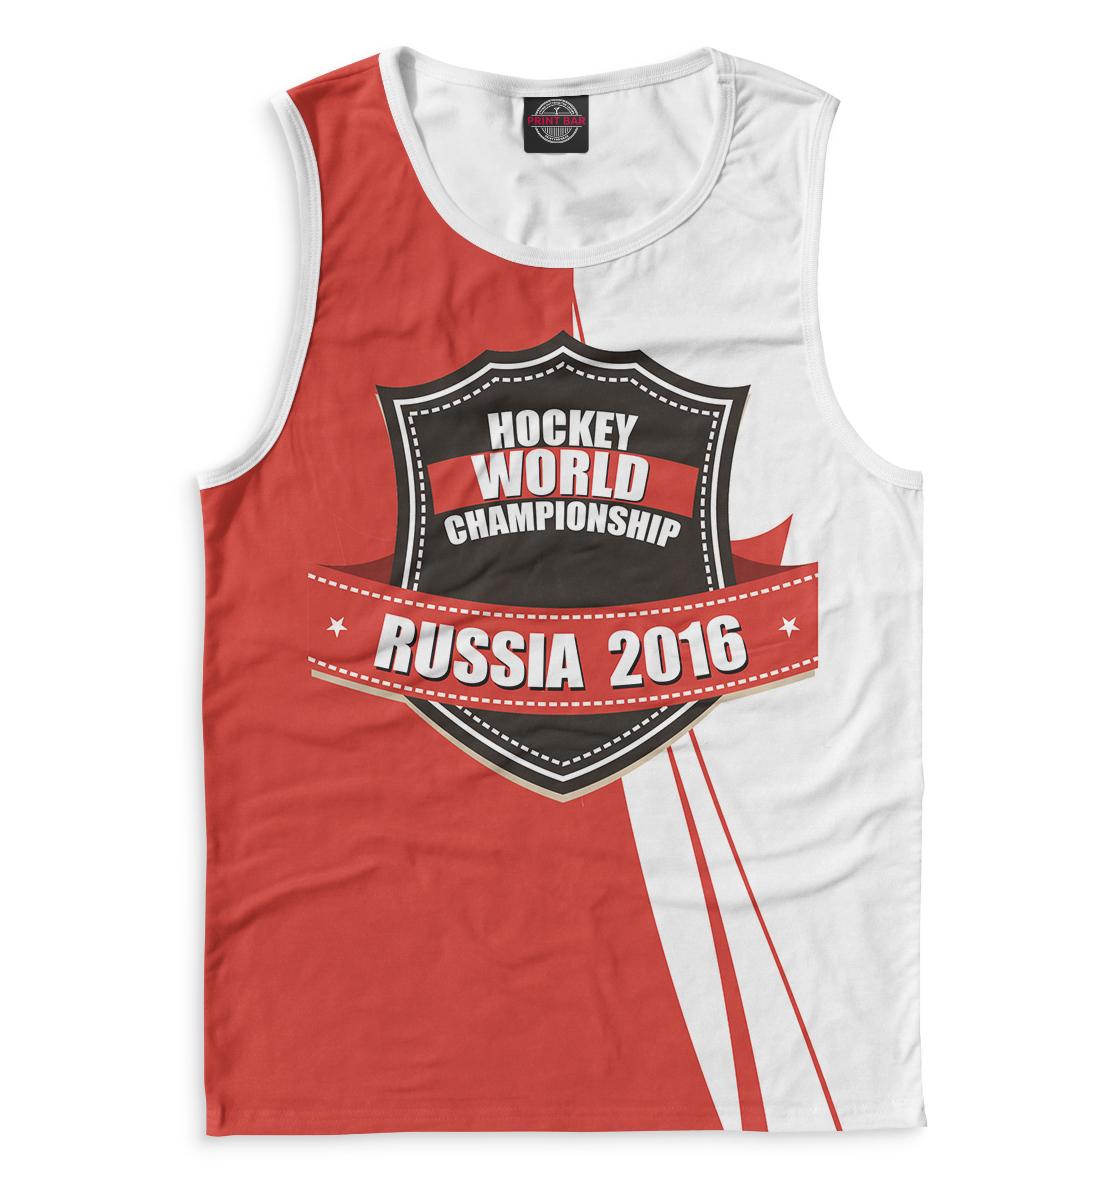 Купить Россия 2016, Printbar, Майки, HOK-598290-may-2